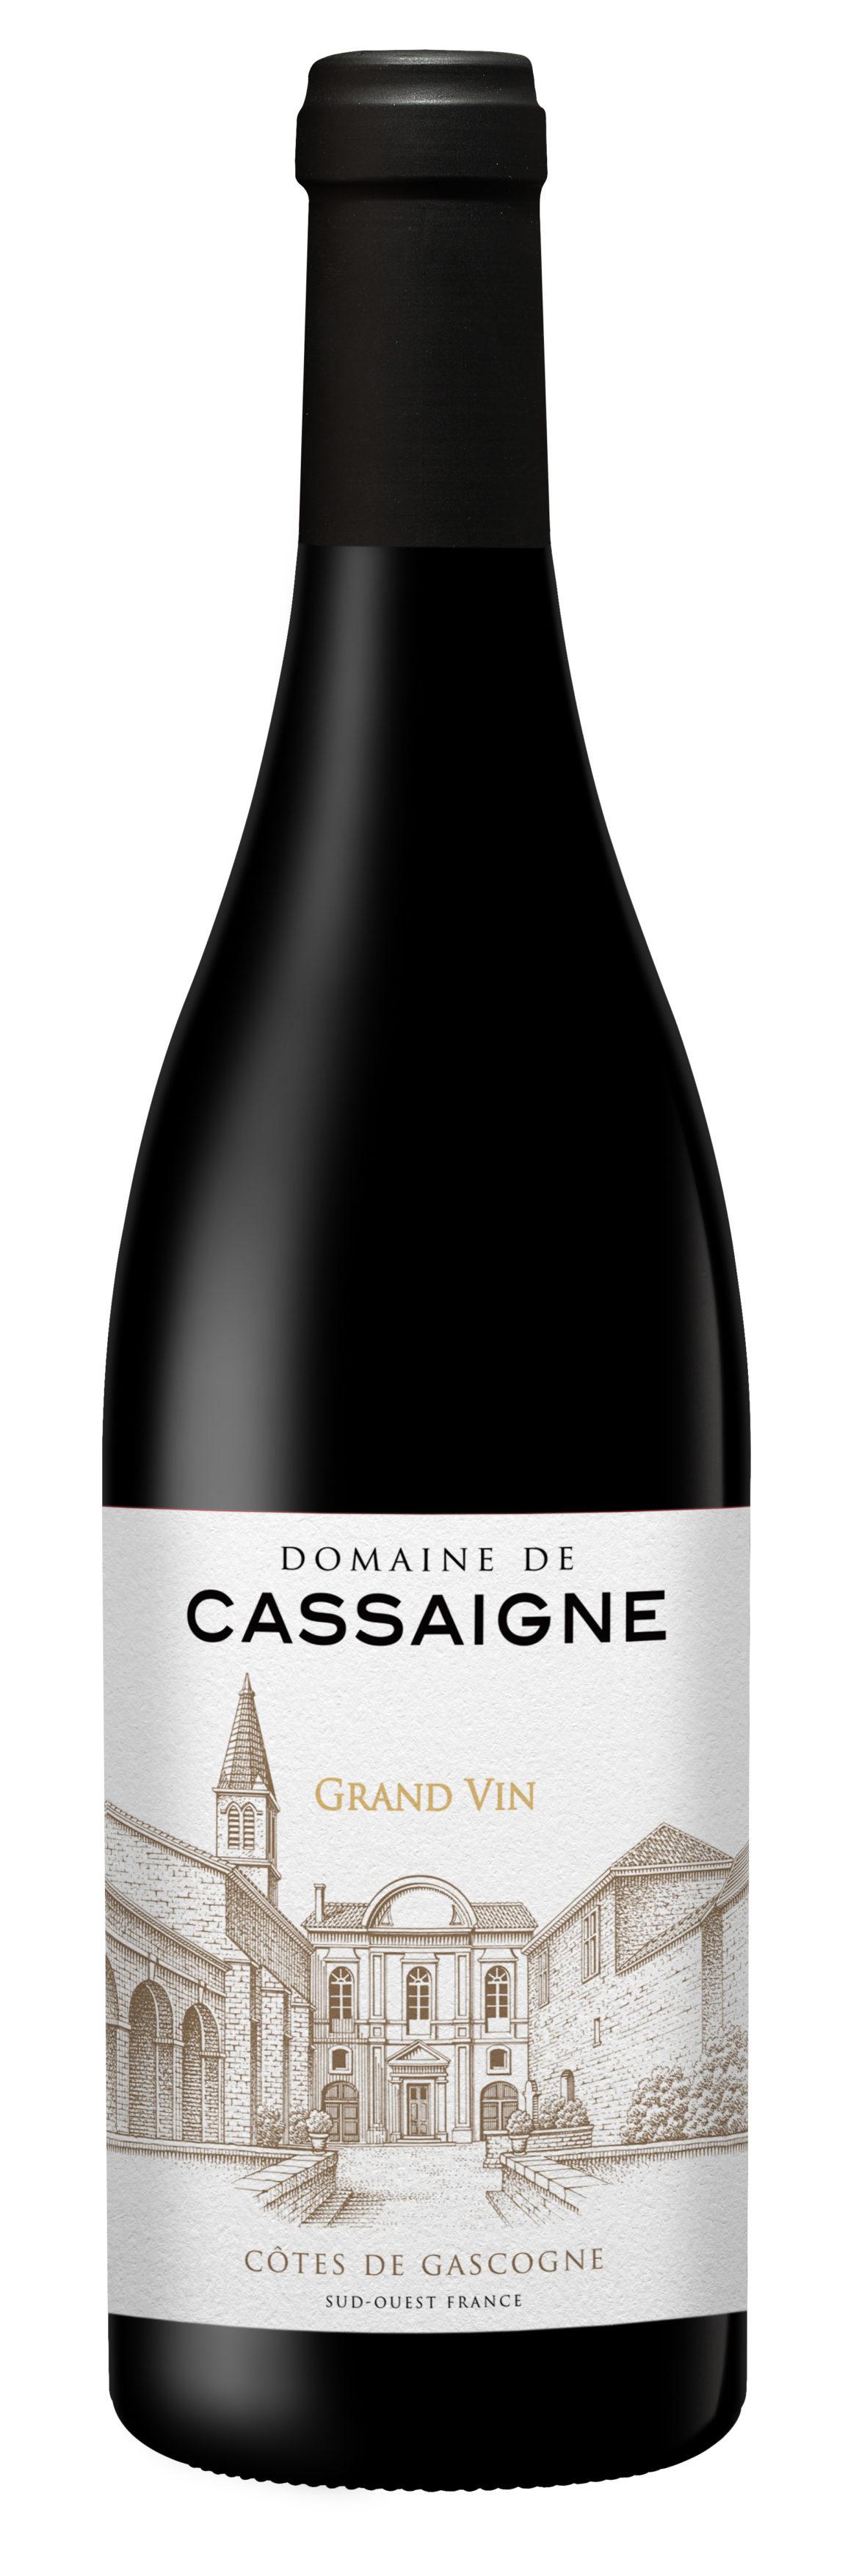 DOMAINE-DE-CASSAIGNE-GRAND-VIN-ROUGE-321-0201.jpg